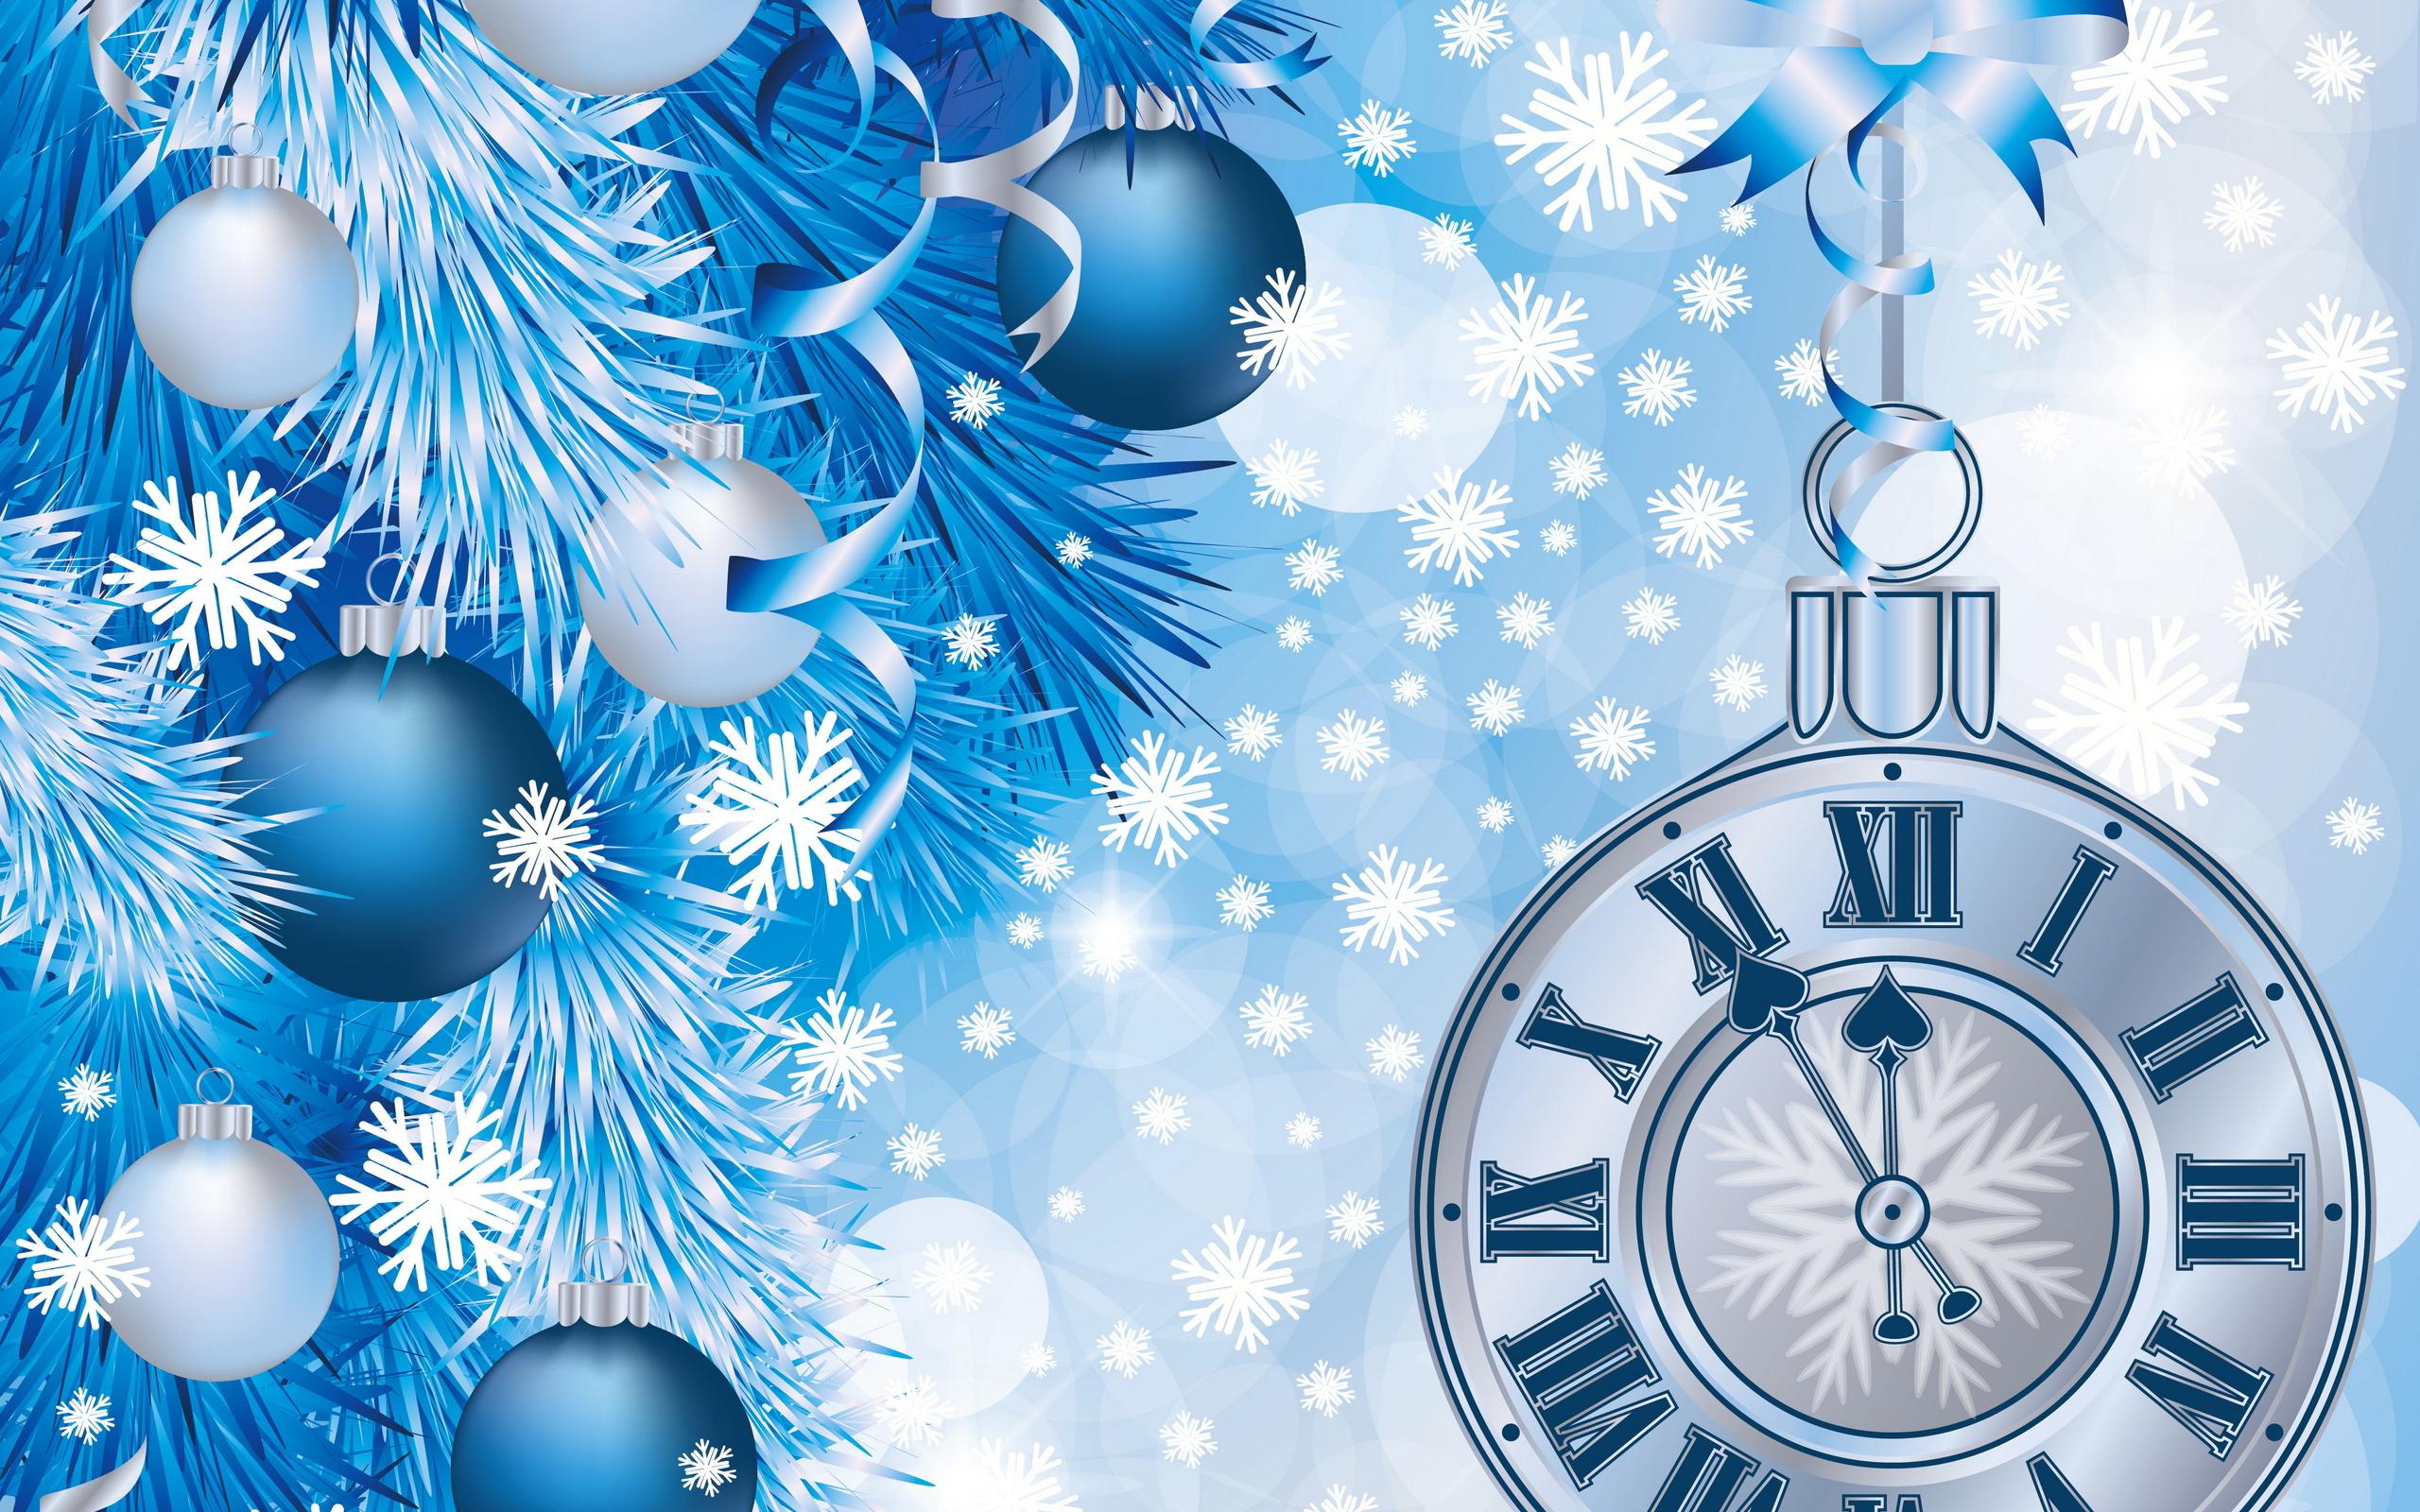 Daynature new christmas screensaver всем мы знаем, что скоро праздник новый год.